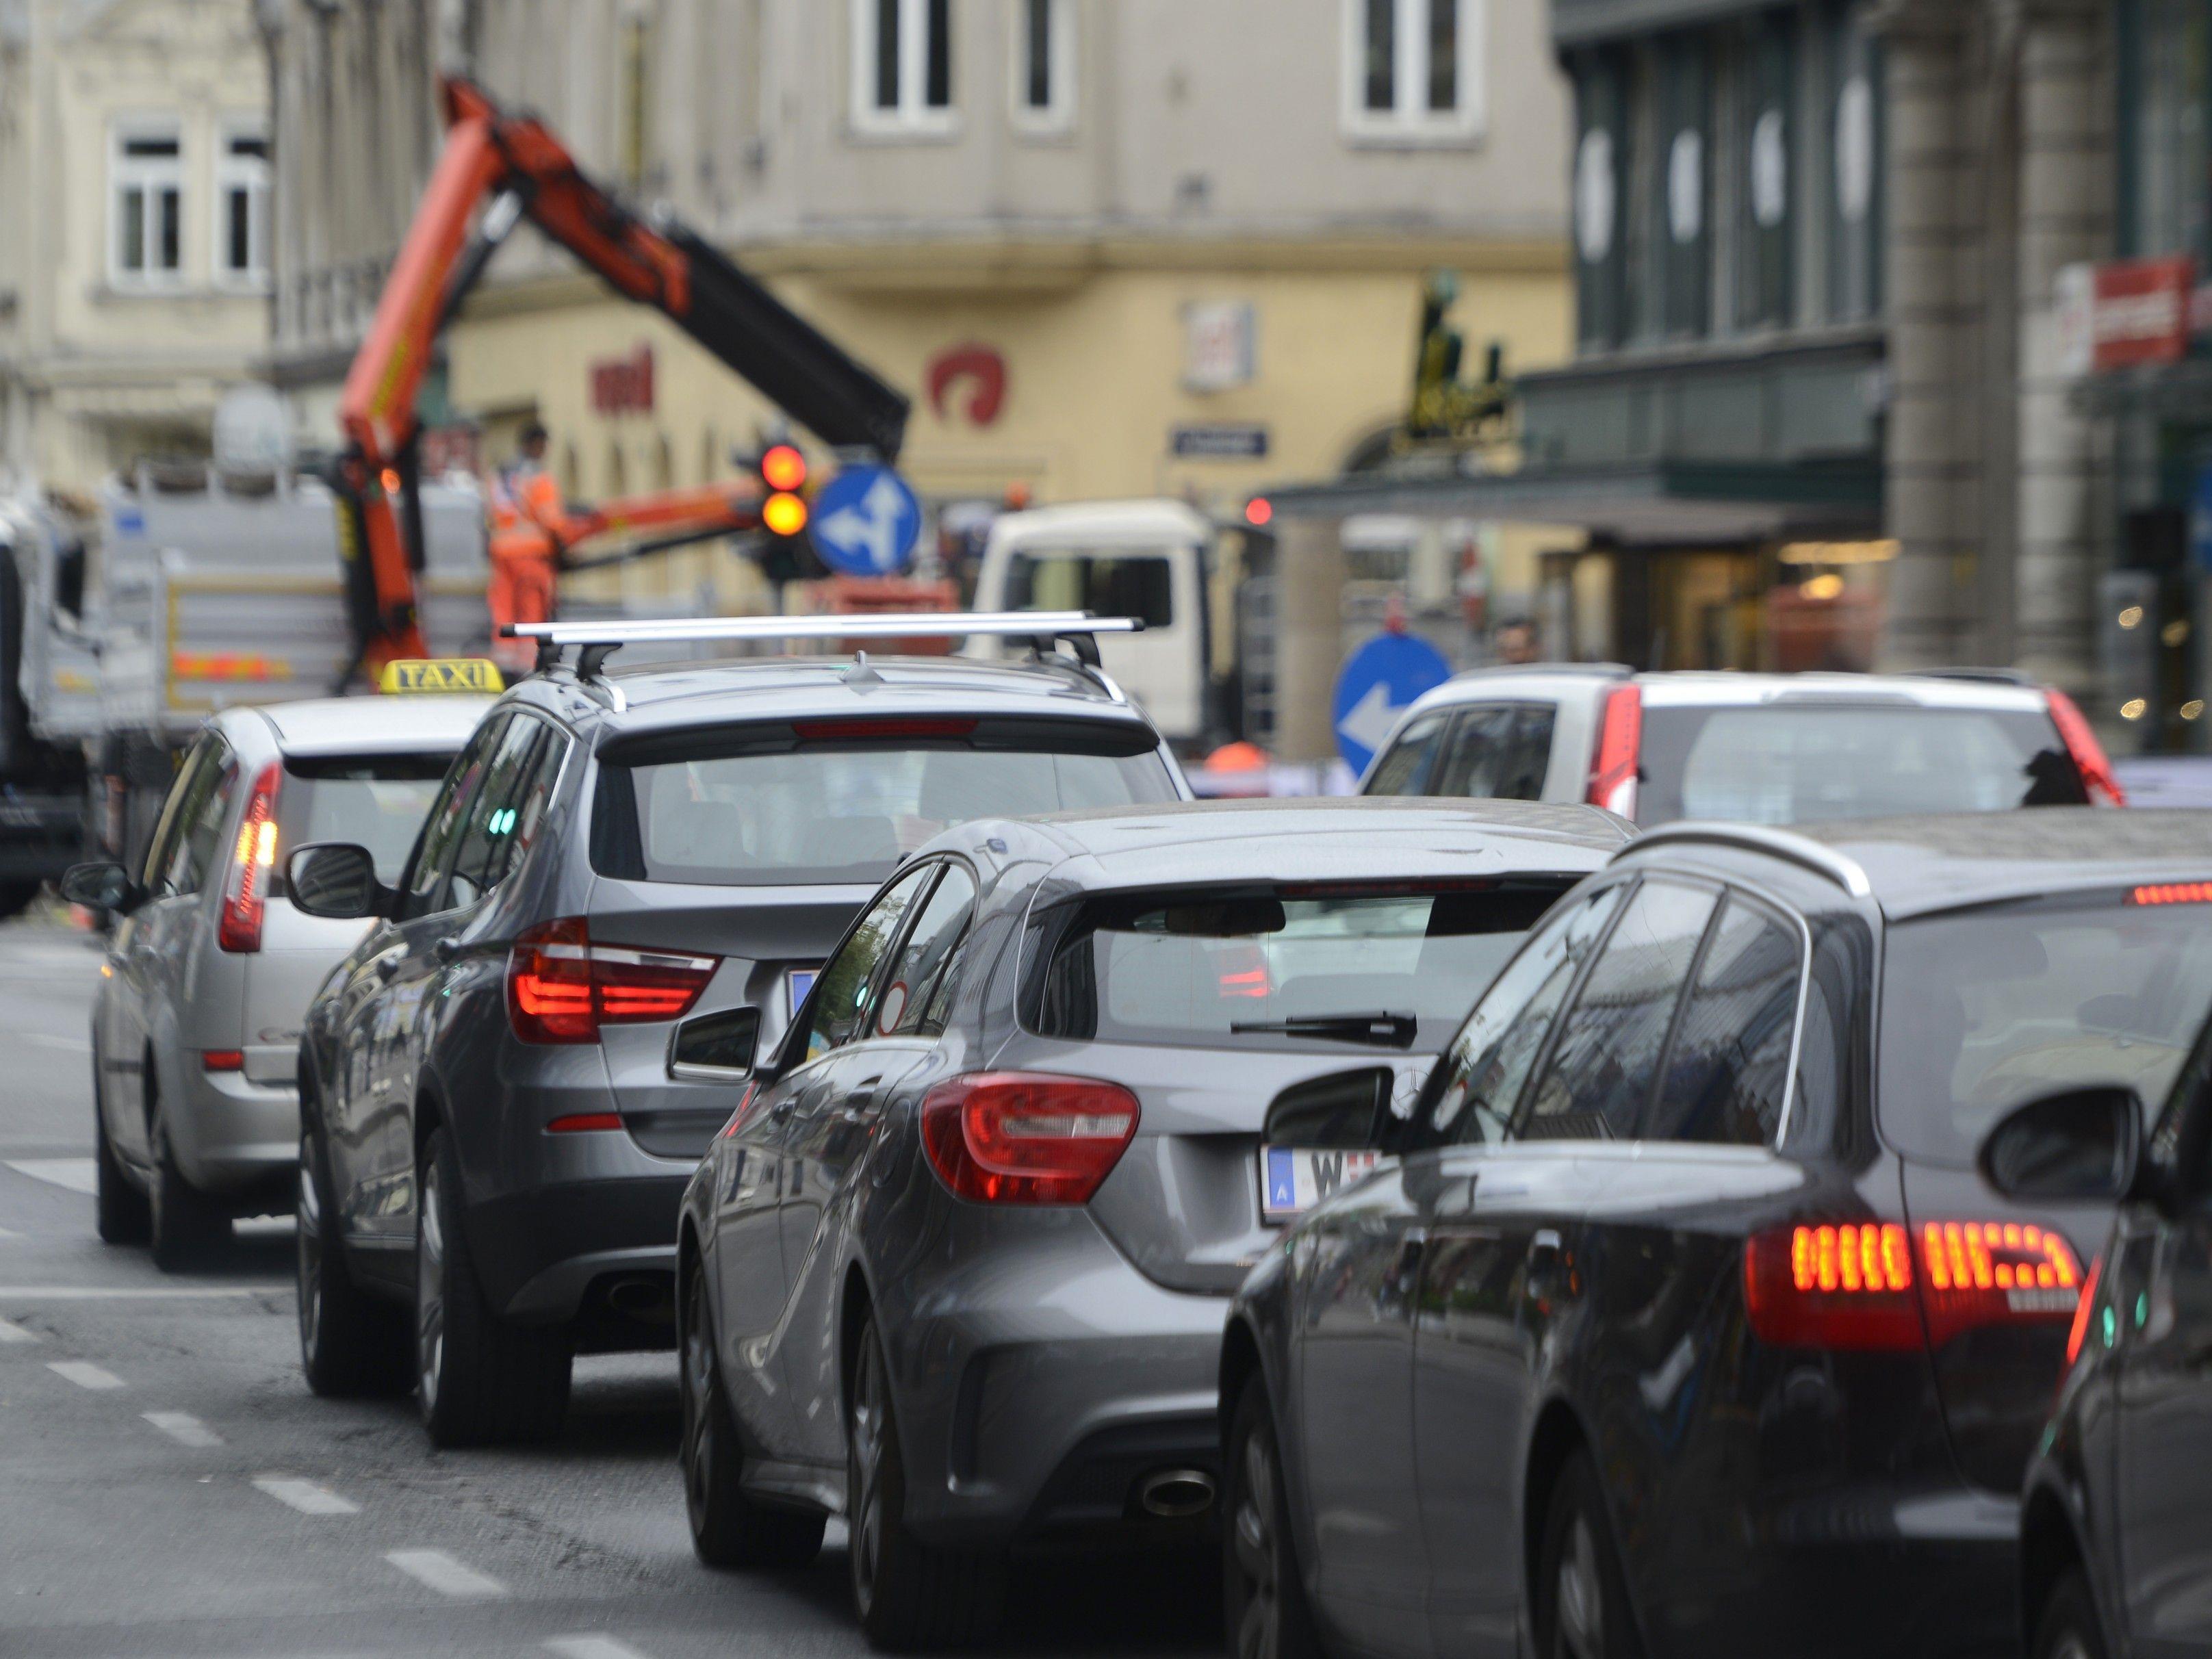 Mühsamer Weg ins verlängerte Wochenende in Wien.